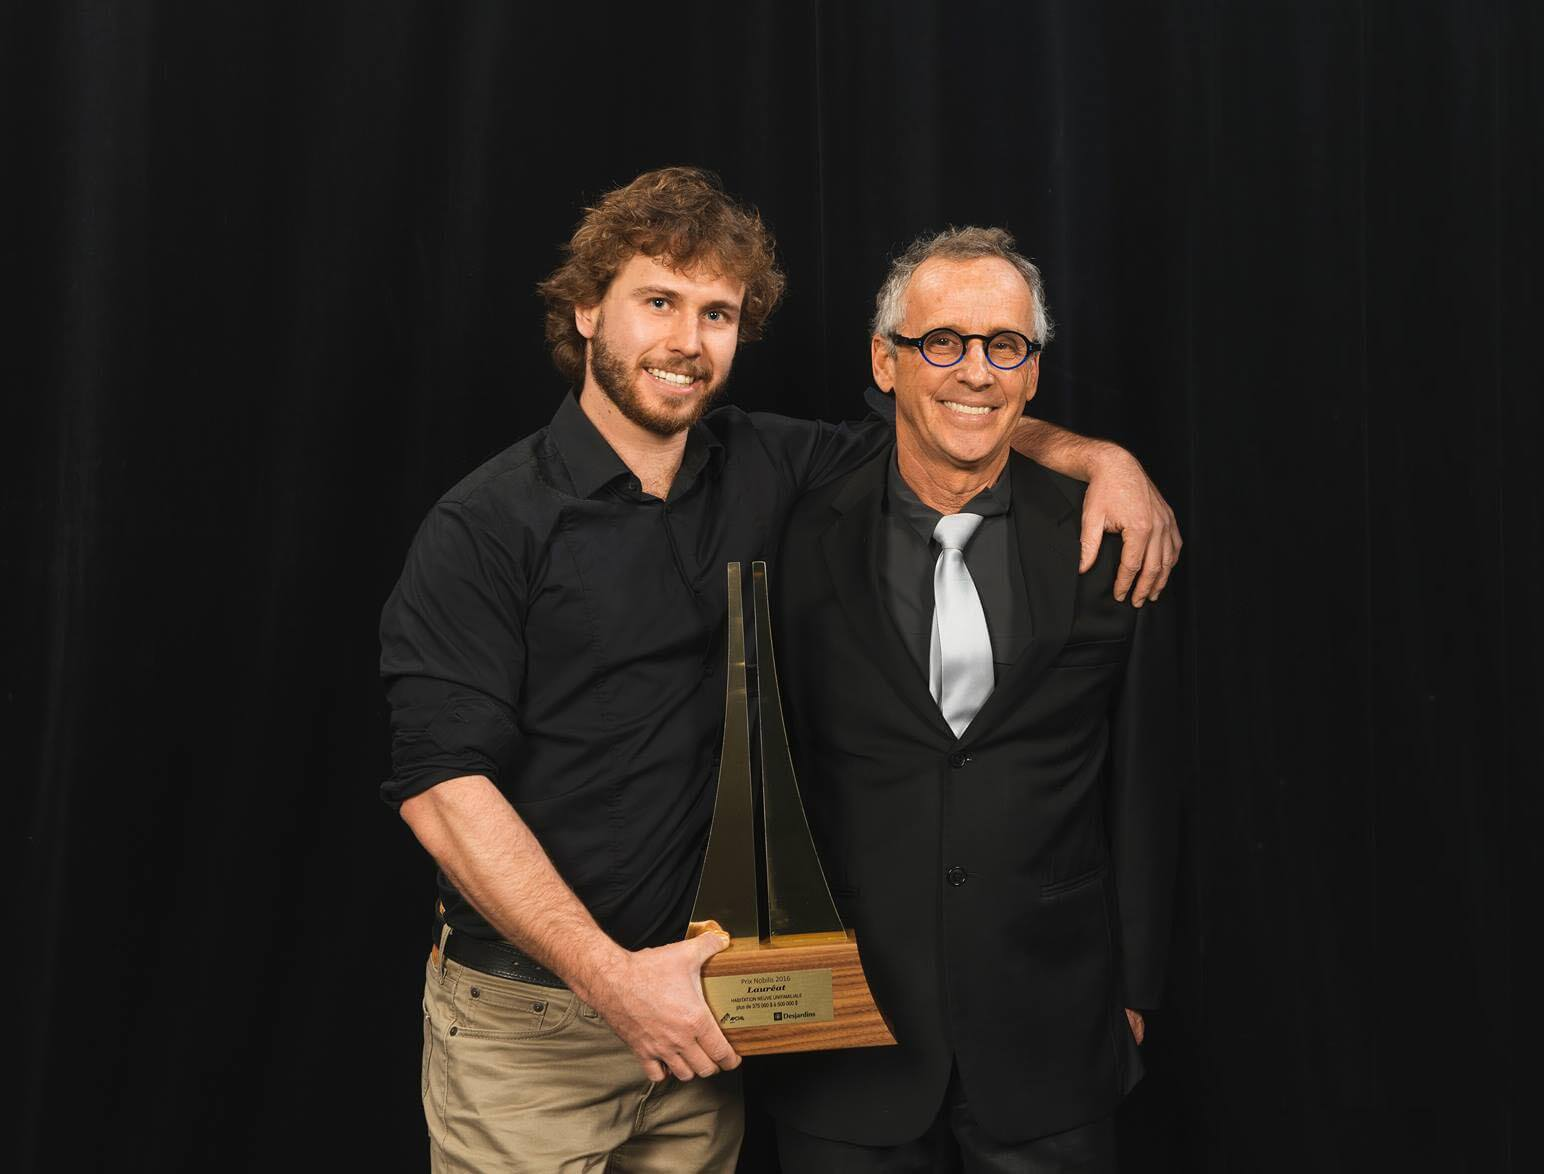 Alex LeBlanc et André LeBlanc lors du Gala Nobilis 2016 où ils ont remporté la 1ère place dans leur catégorie.